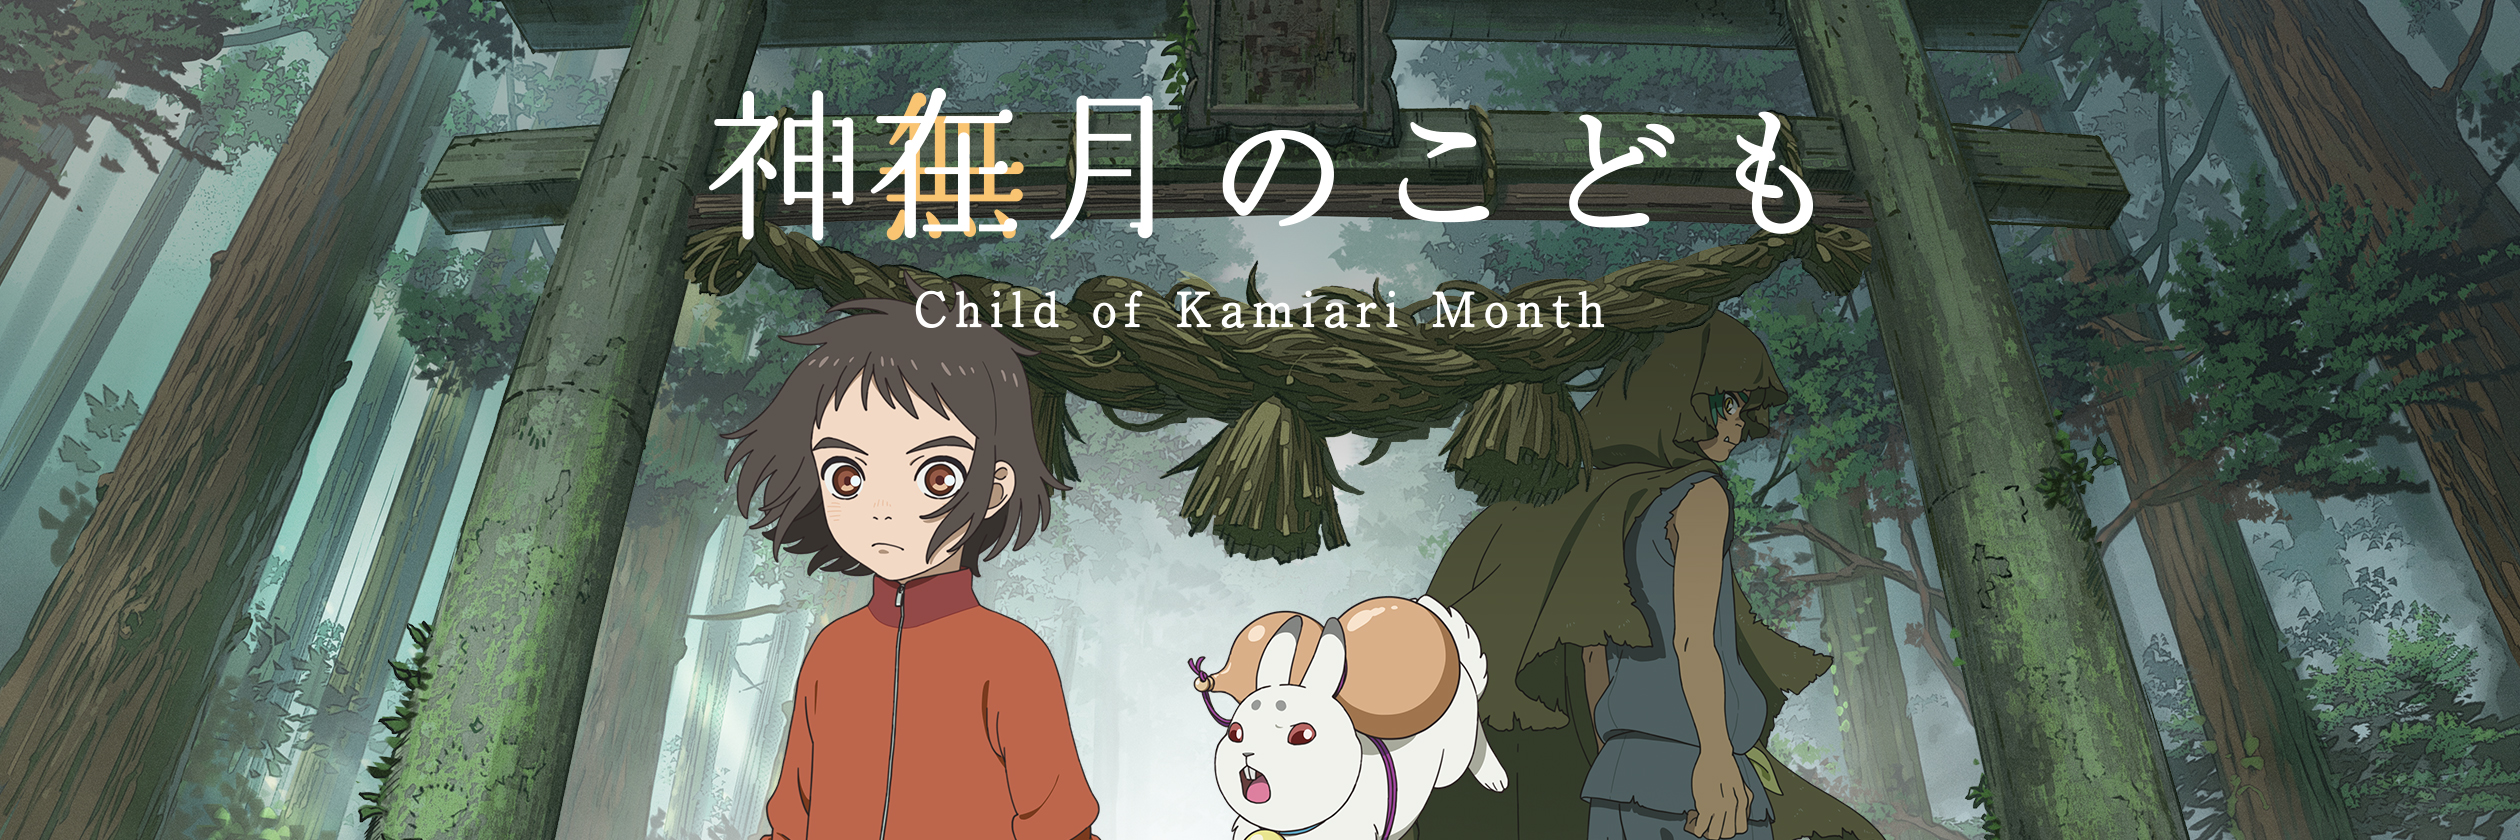 新动画电影《神在月的孩子》开启众筹 预定5年内